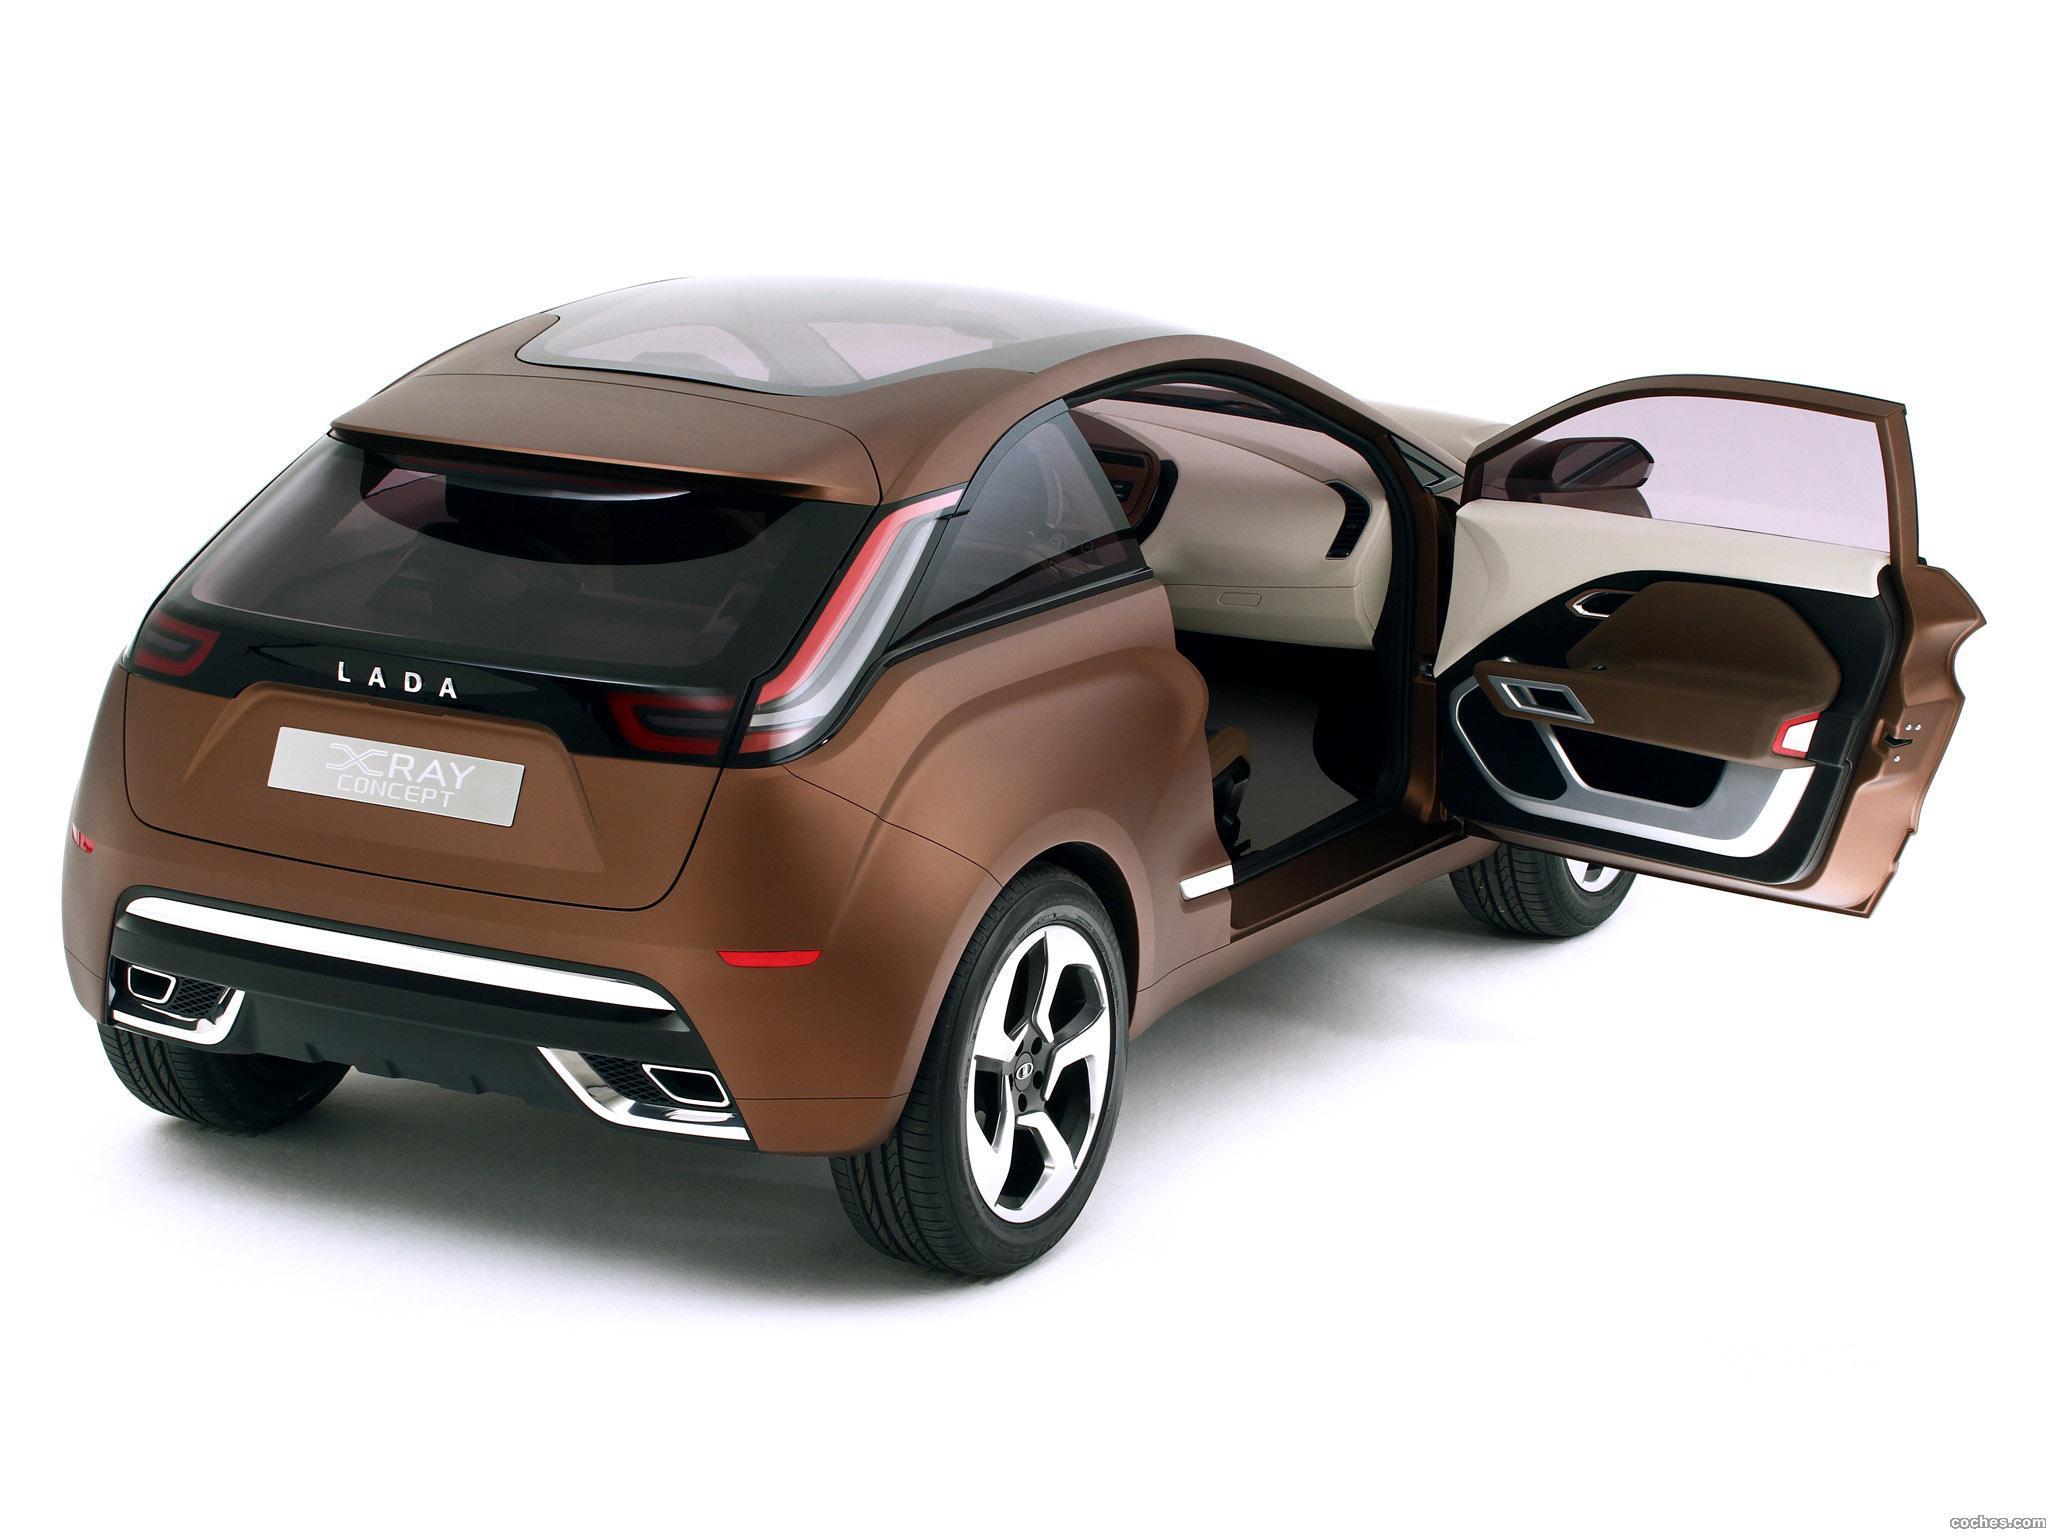 Foto 10 de Lada XRAY Concept 2012